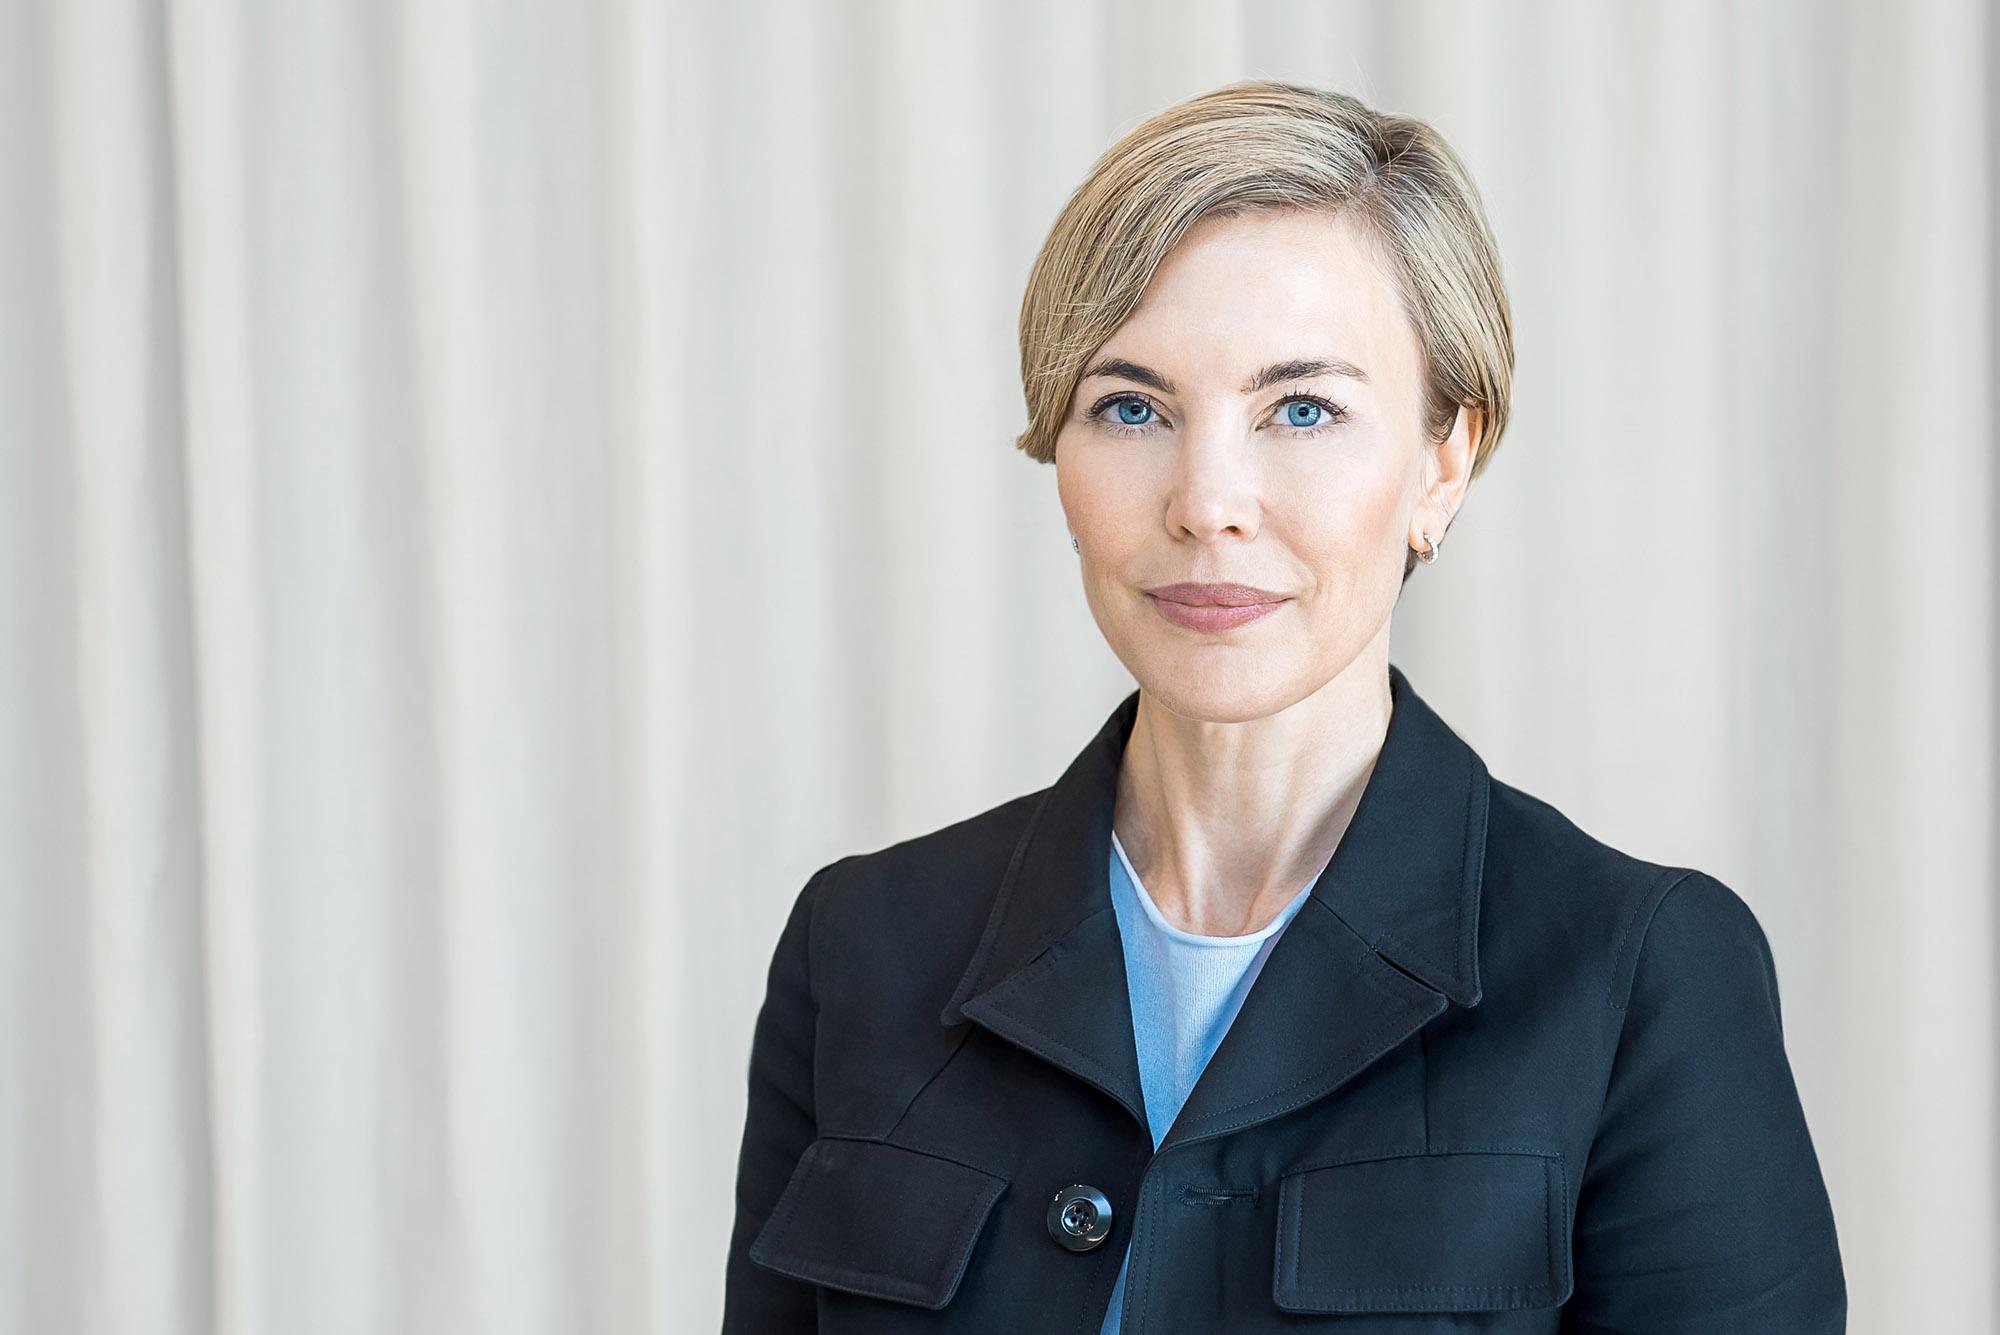 Susanna Urdmark